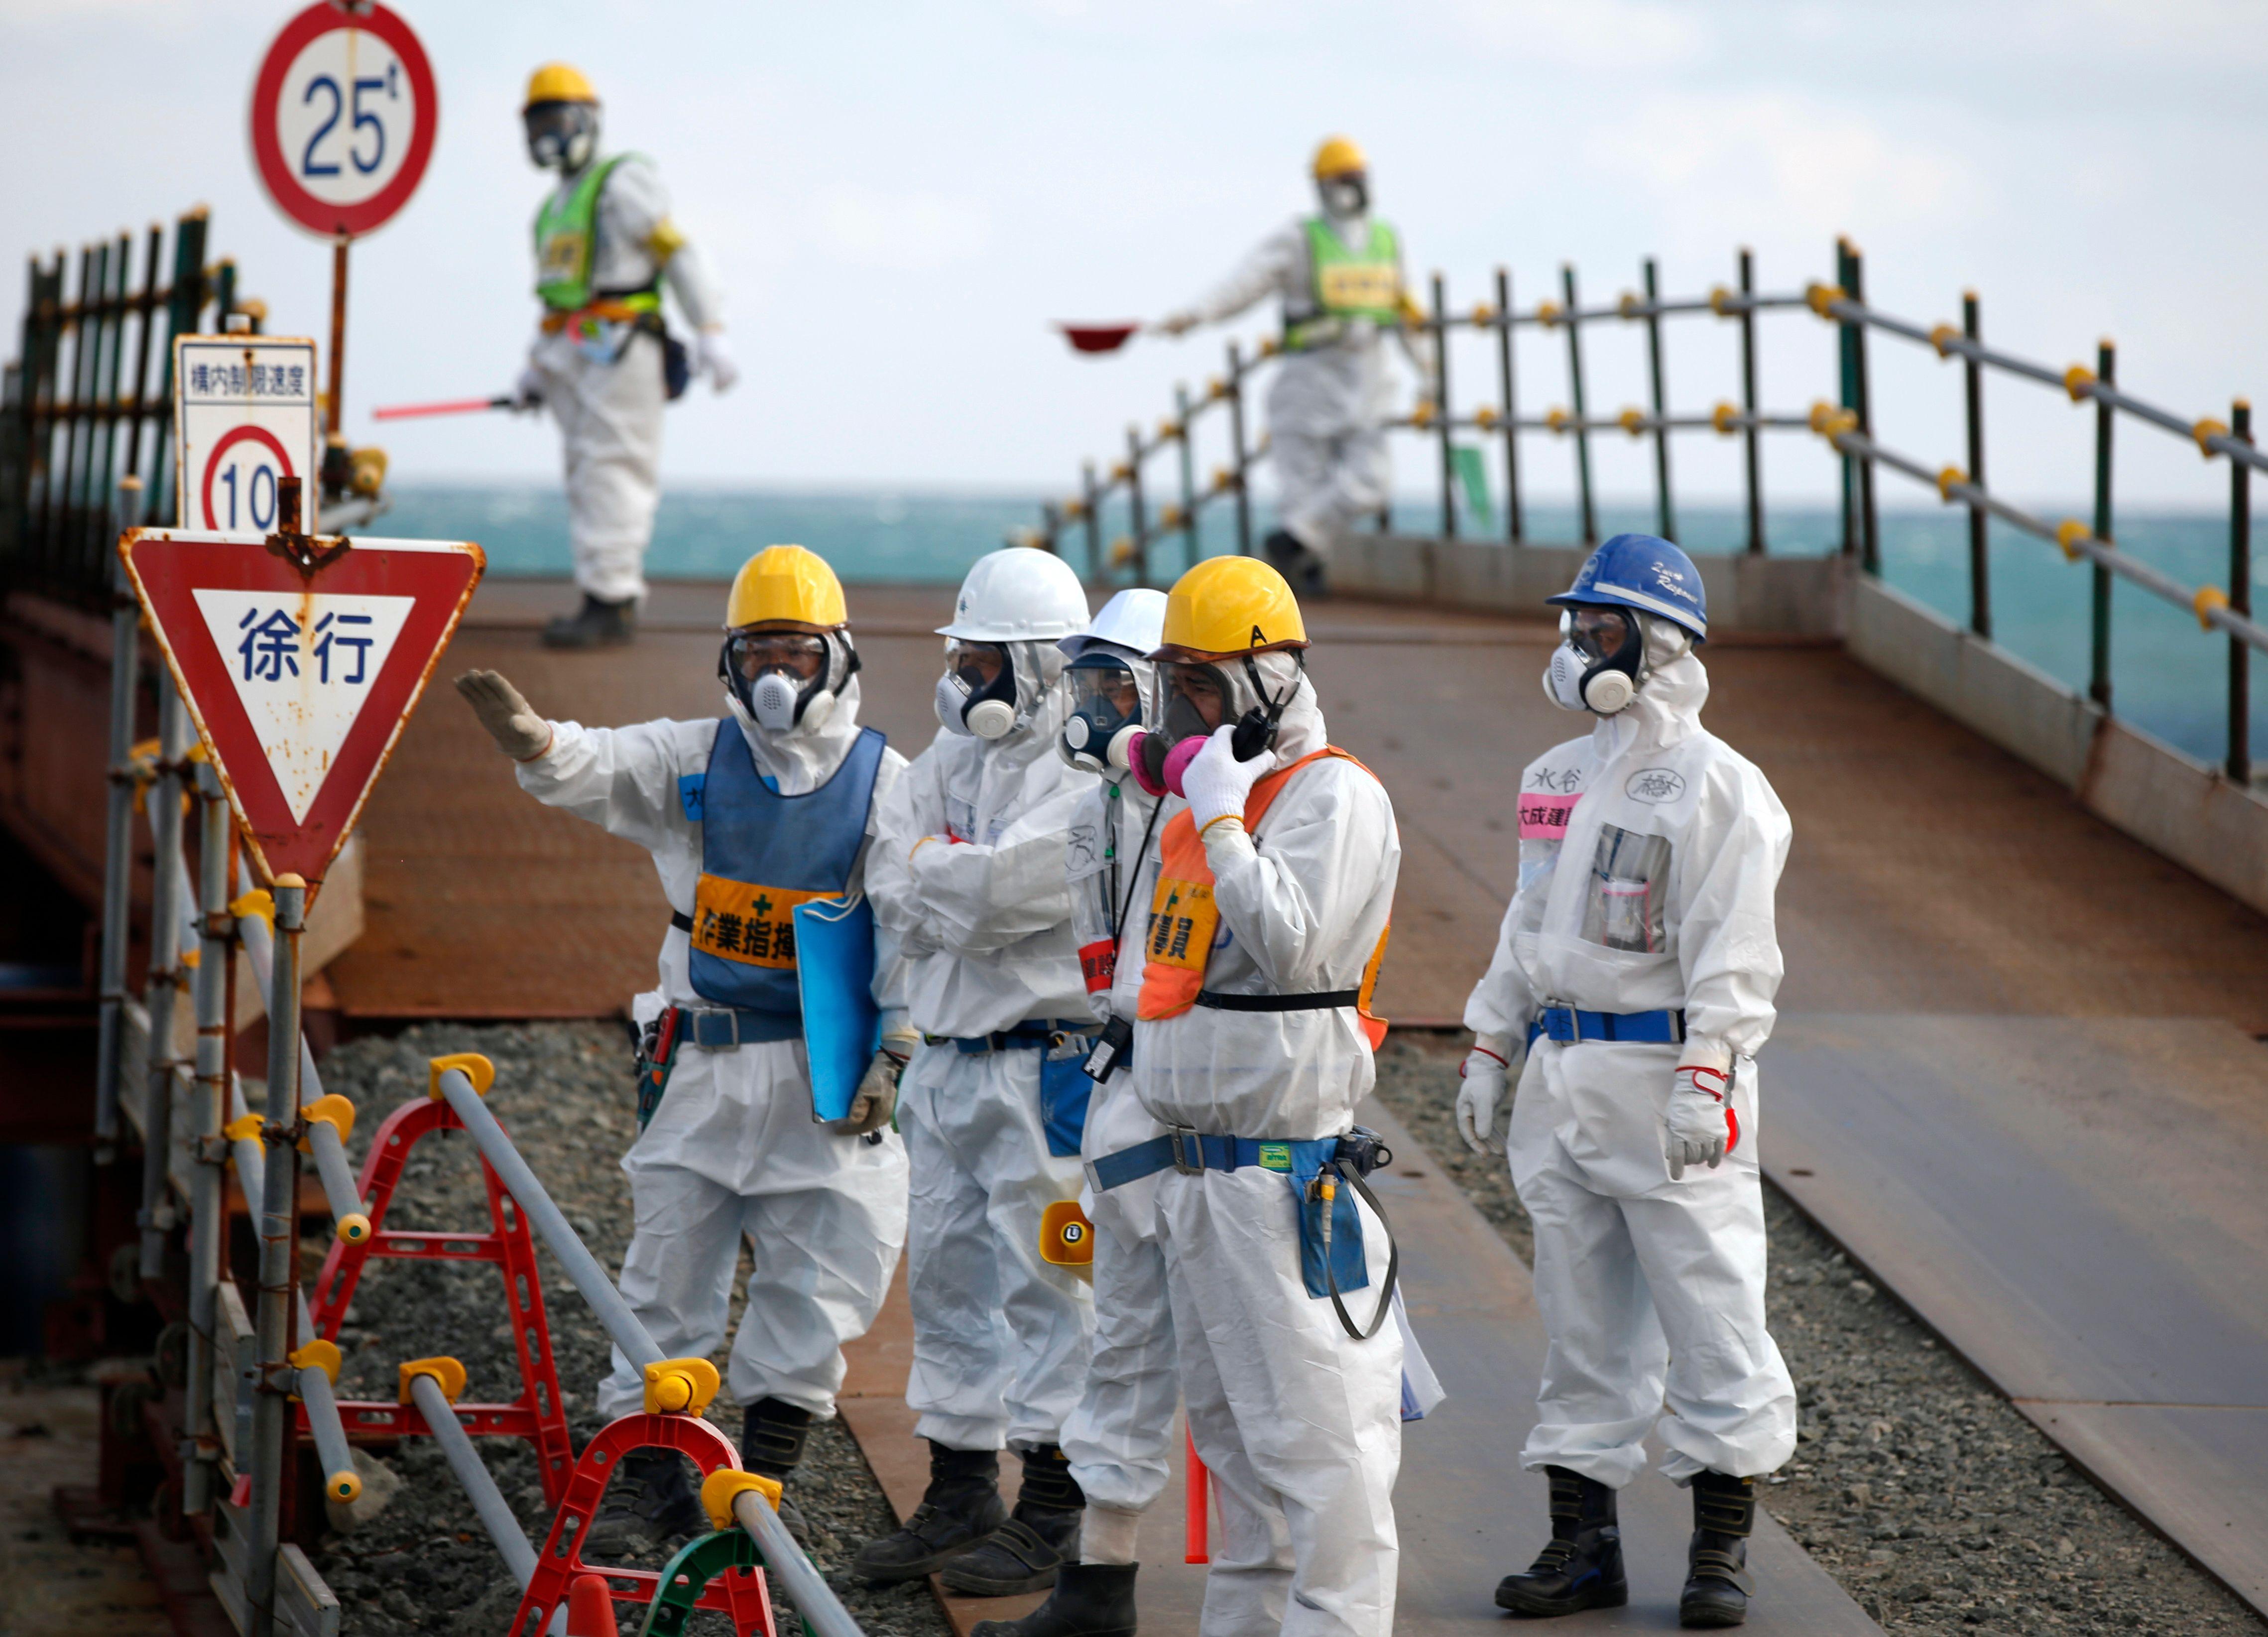 Cinq ans après la catastrophe, masque et combinaison de protection sont toujours de rigueur à Fukushima (Japon).